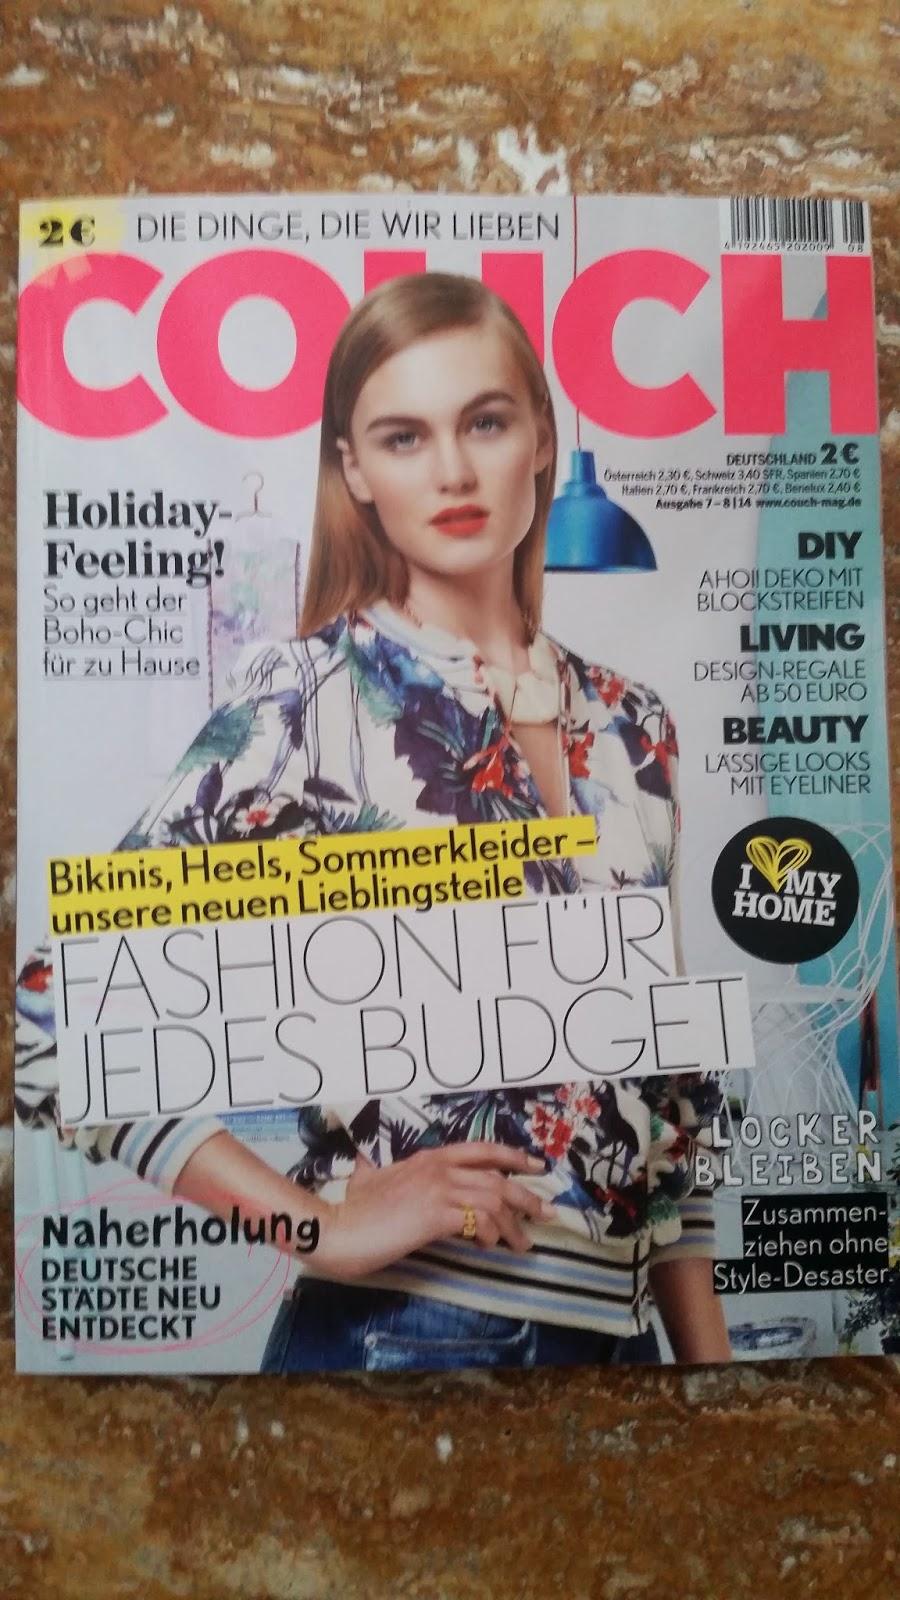 Couch Zeitschrift - www.annitschkasblog.de